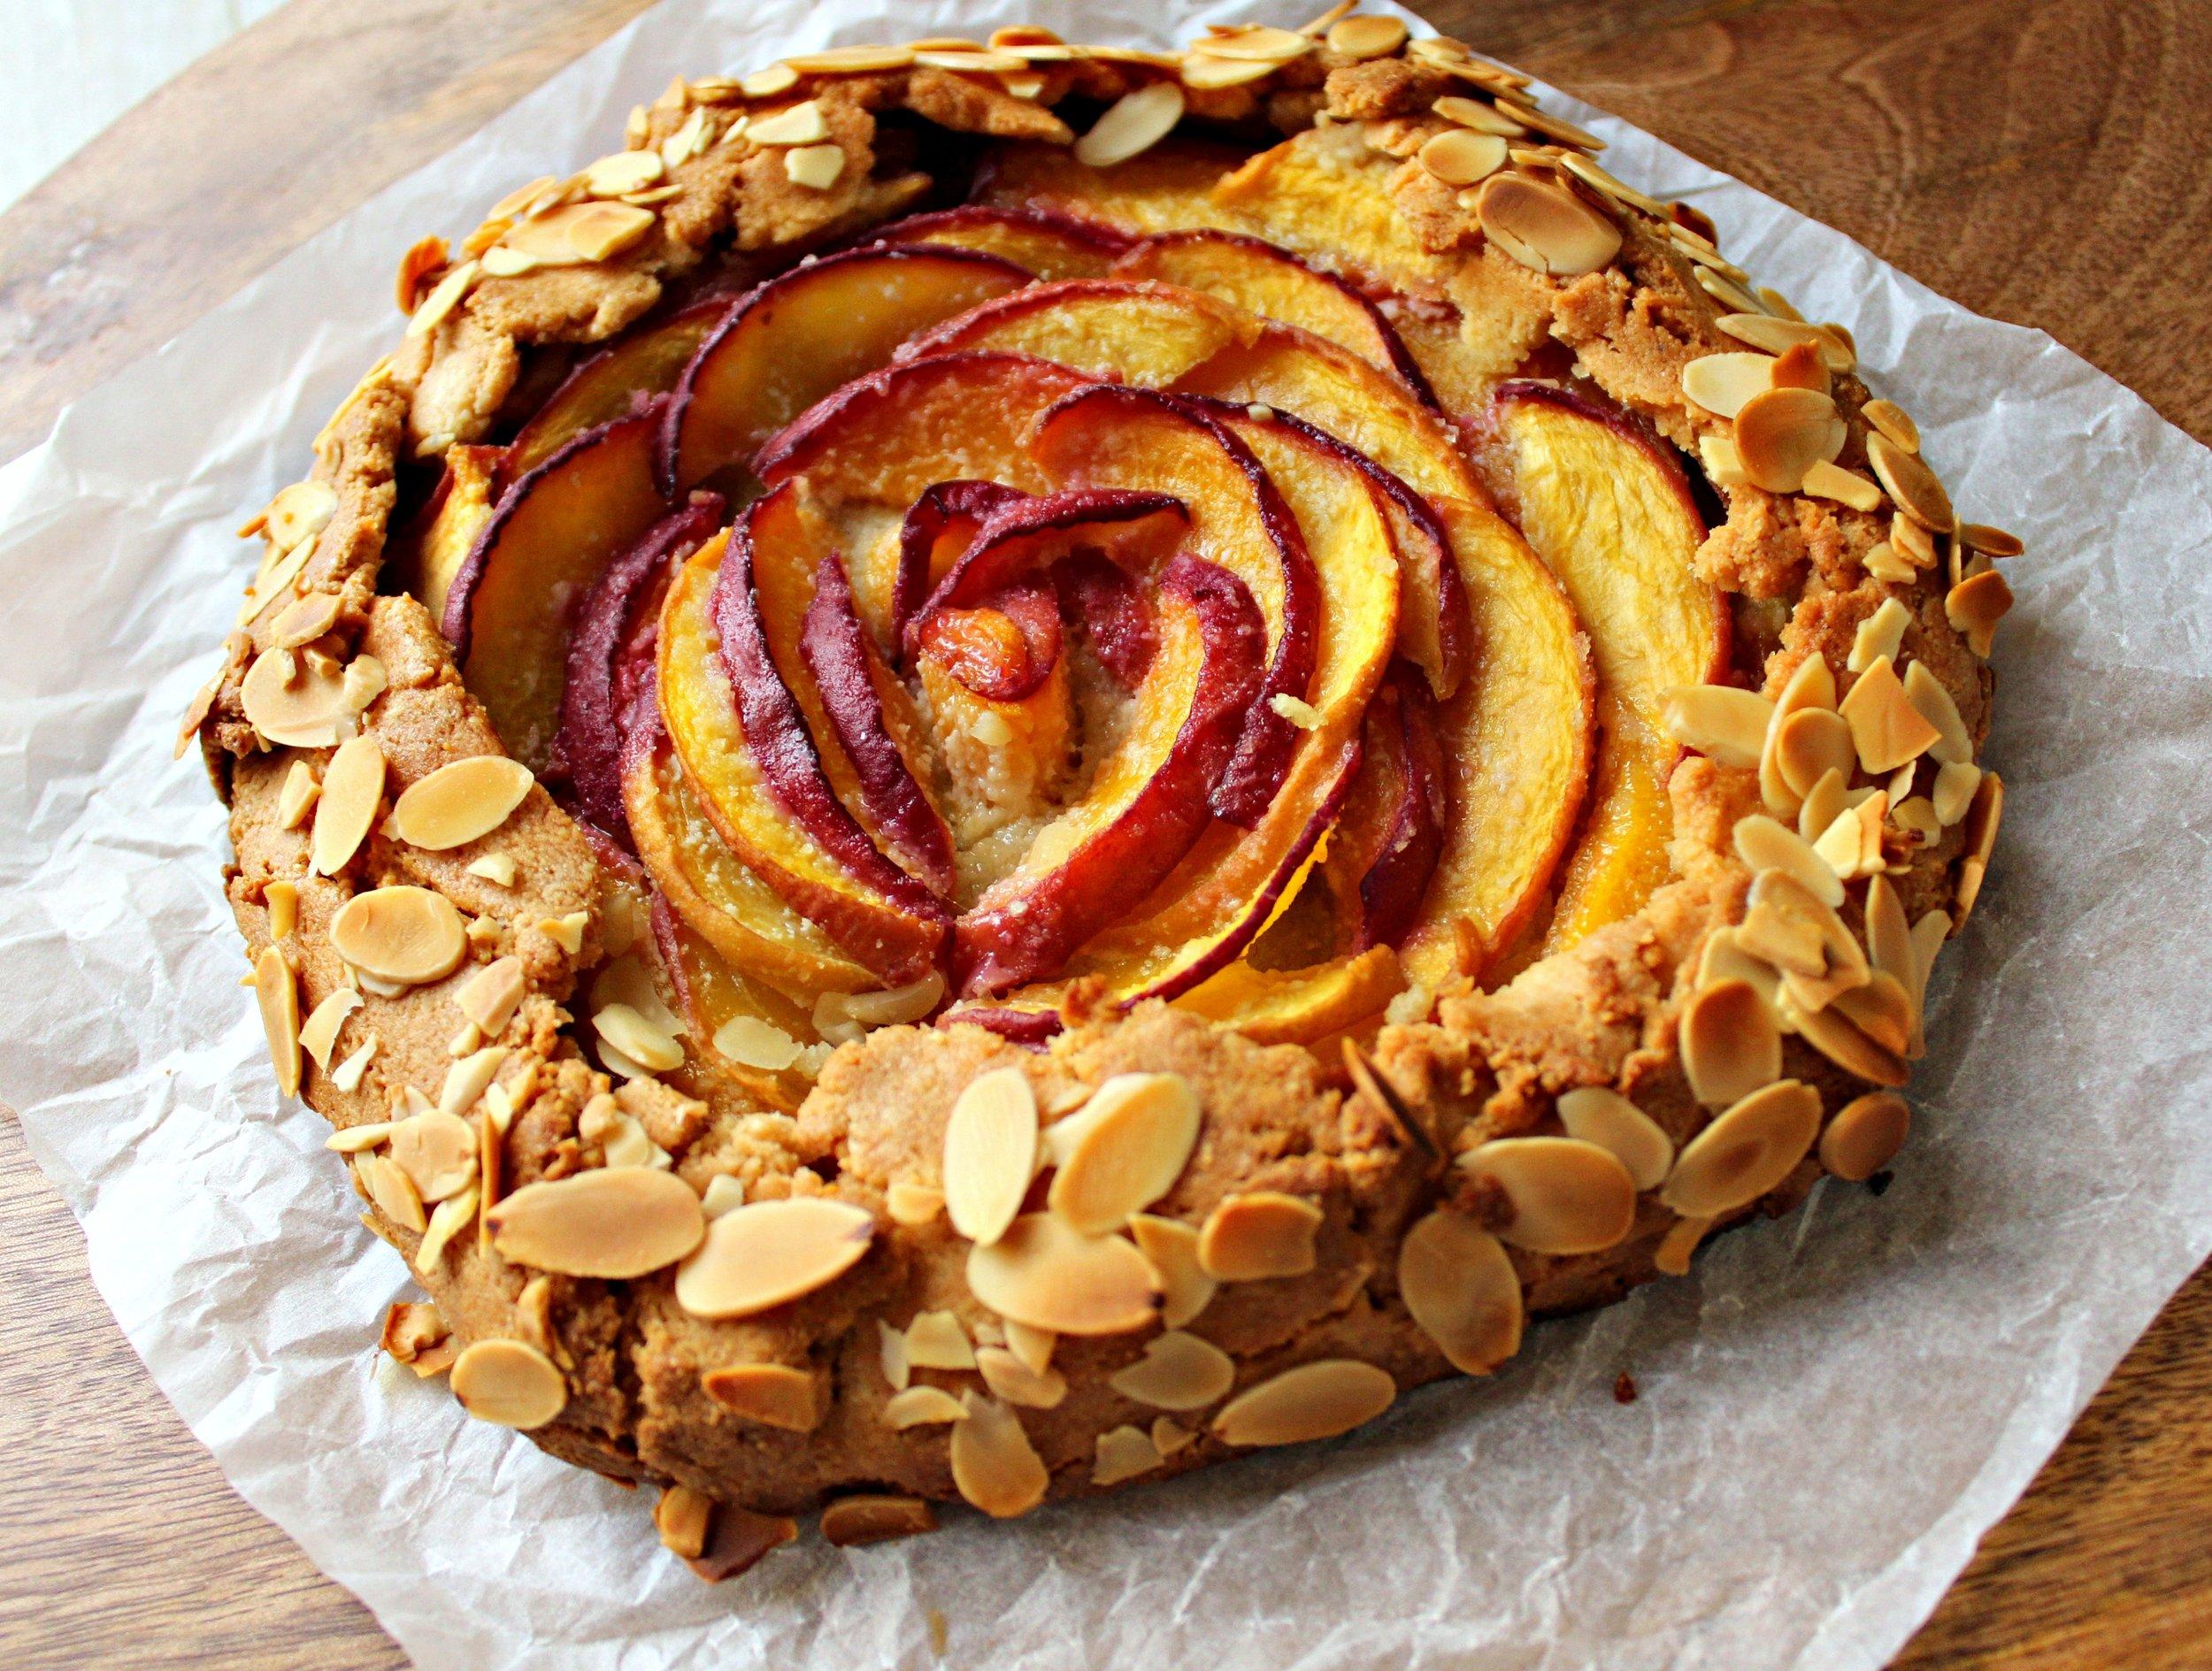 Gluten Free Almond & Peach Galette